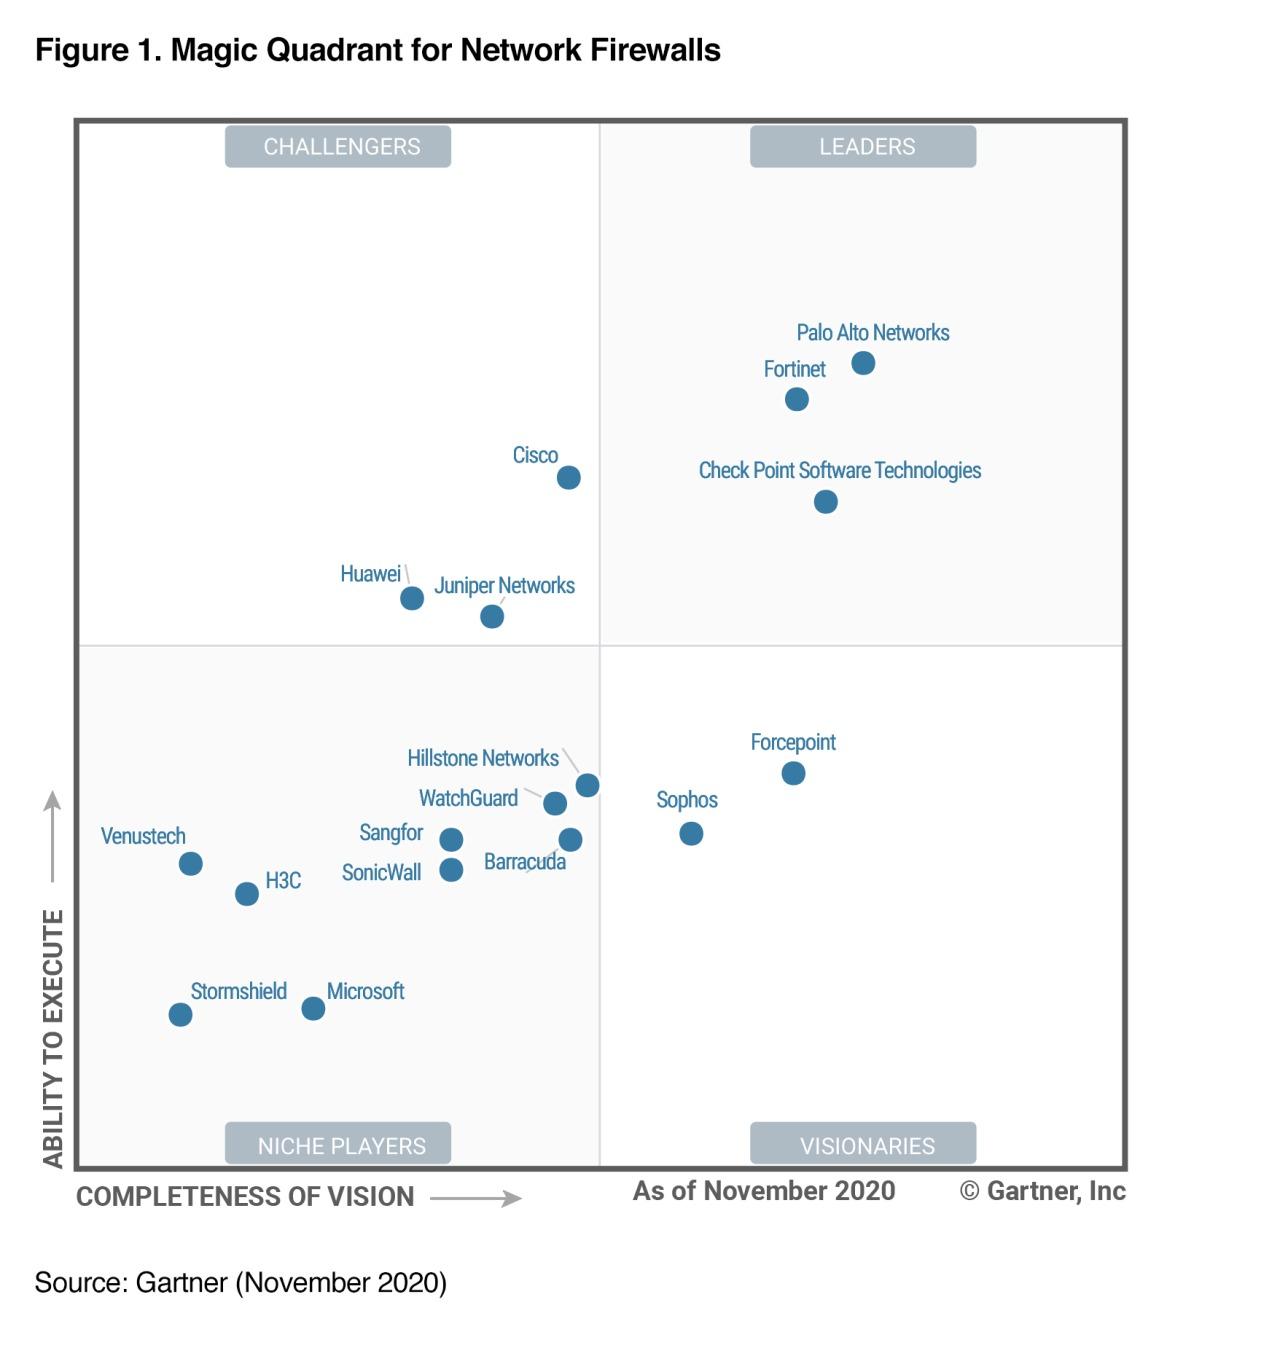 Fortinet là Leader theo đánh giá của Gartner cho Network Firewalls